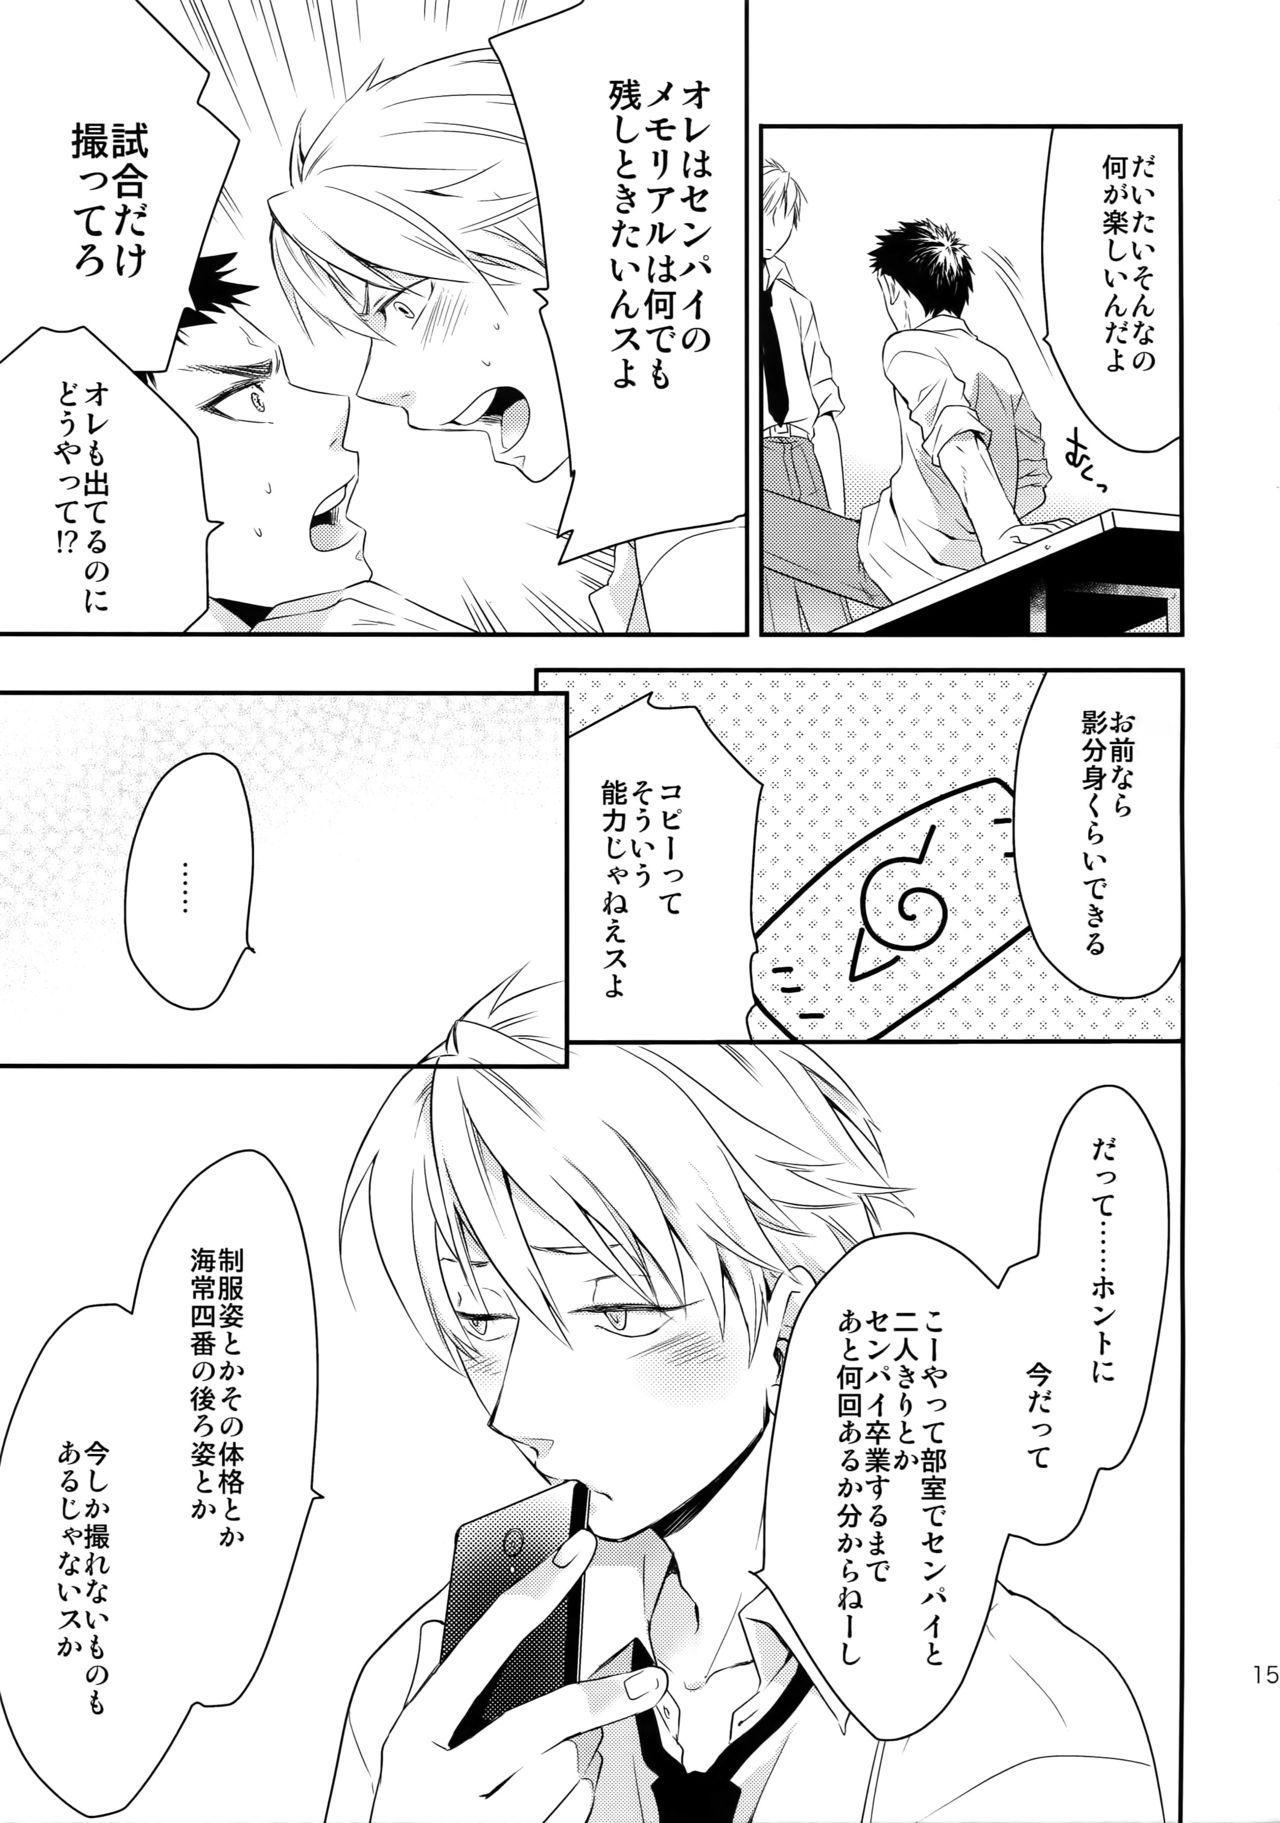 Kanpeki Kareshi to Zettai Ryouiki Ouji-sama 151